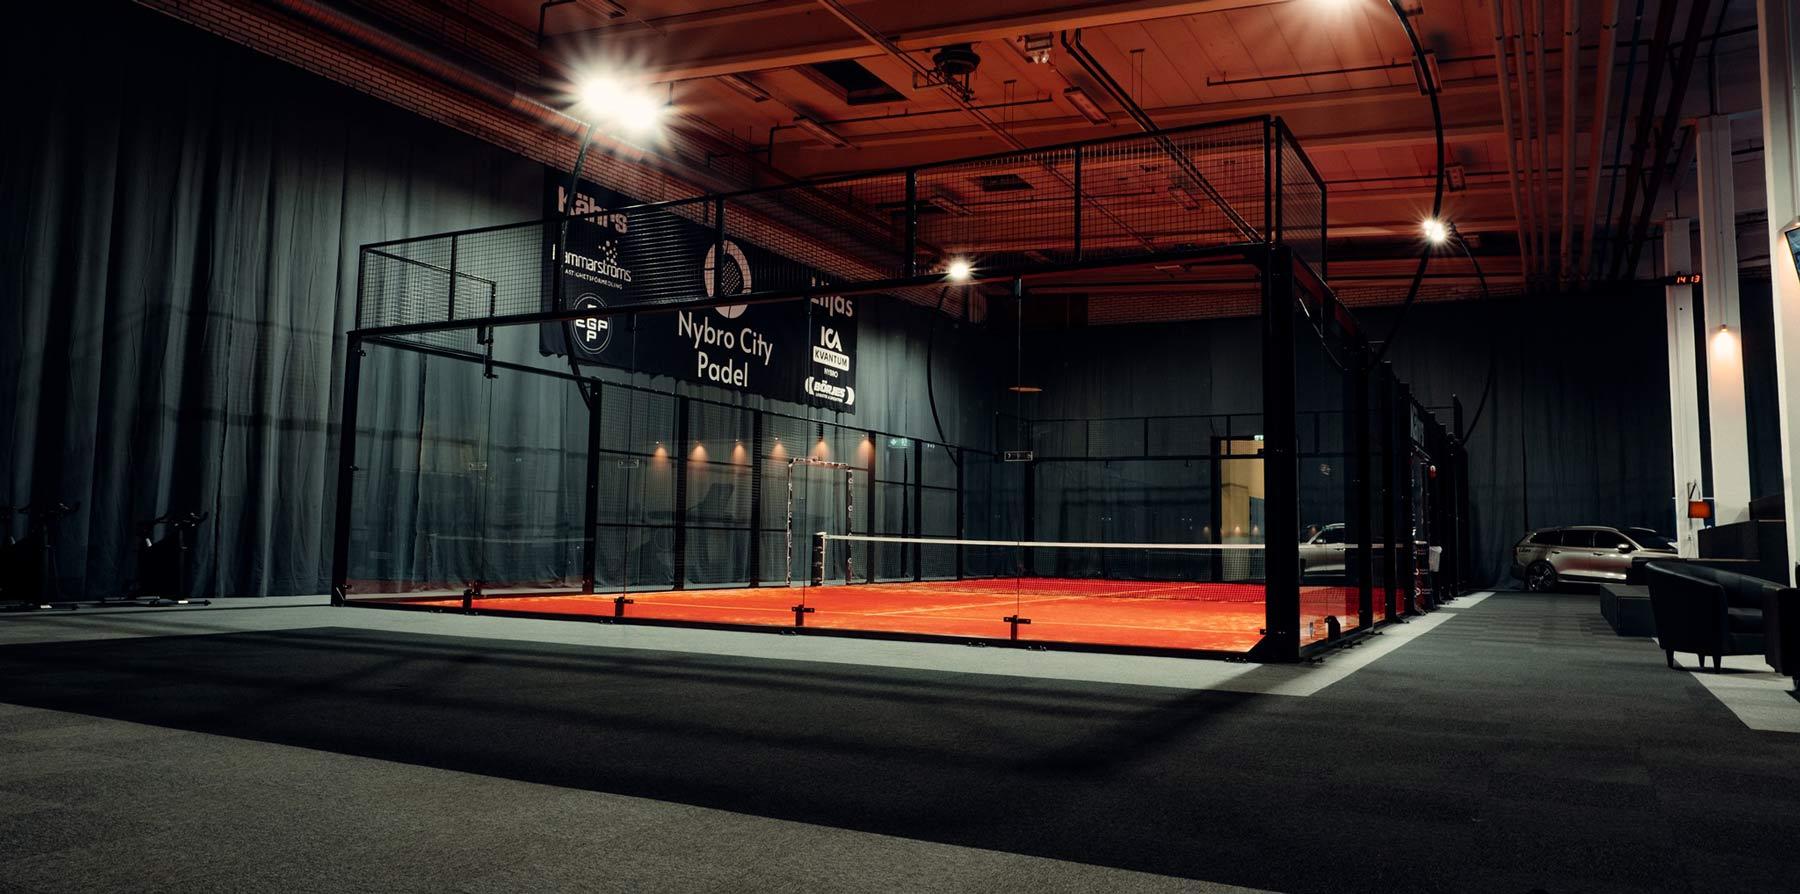 akustik padel padelhall ljudabsorberande tyg golv nålfiltsmatta